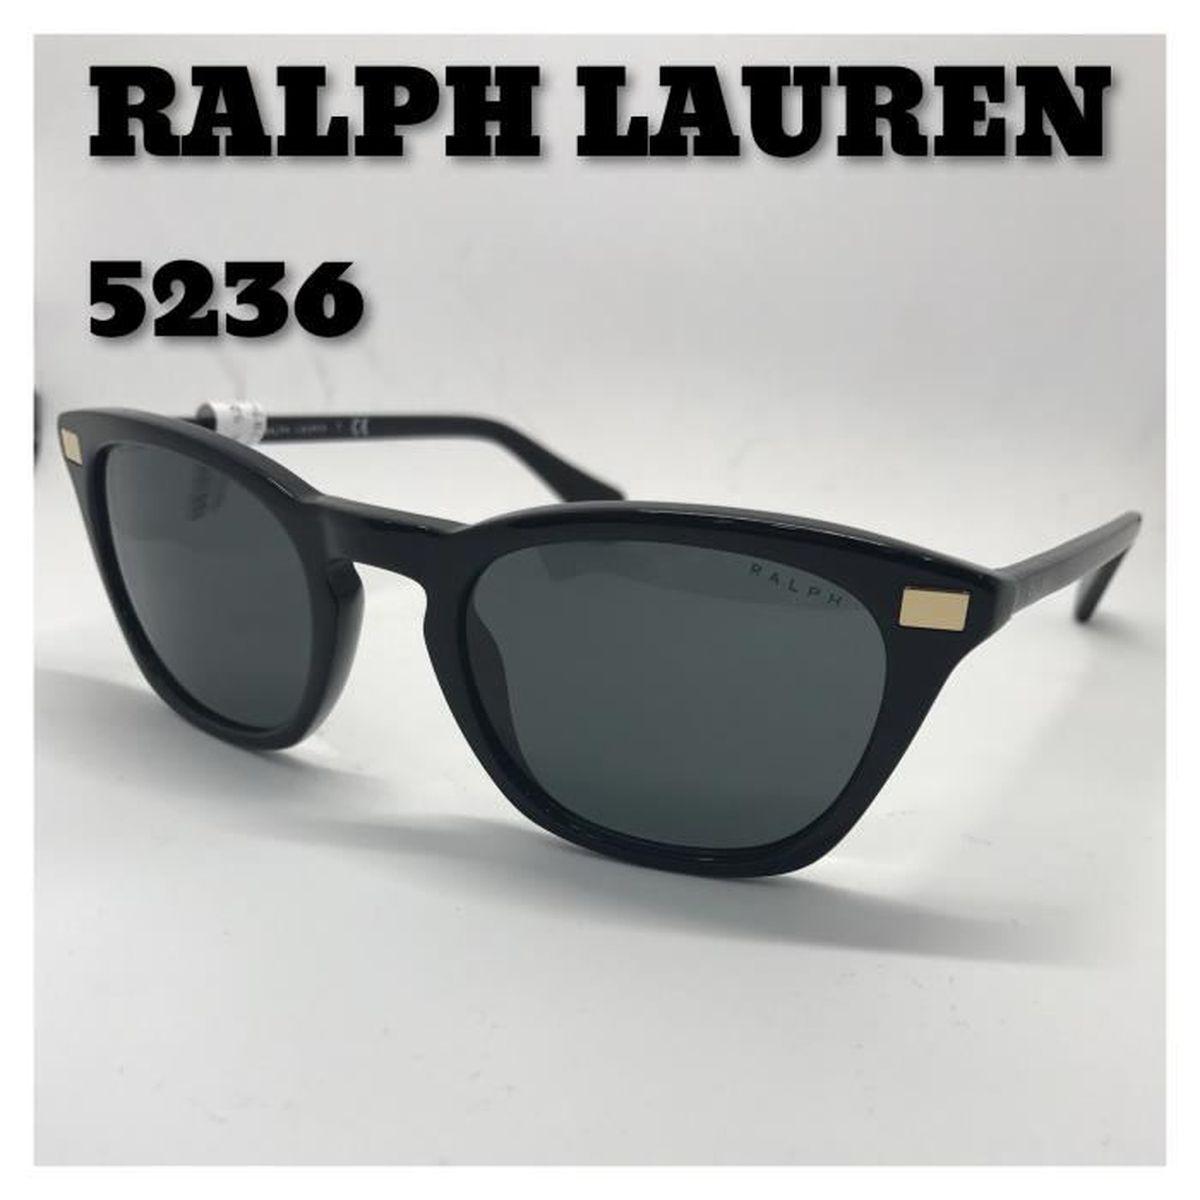 d6829f5025 RALPH LAUREN 5236 - Achat / Vente lunettes de soleil - Cdiscount